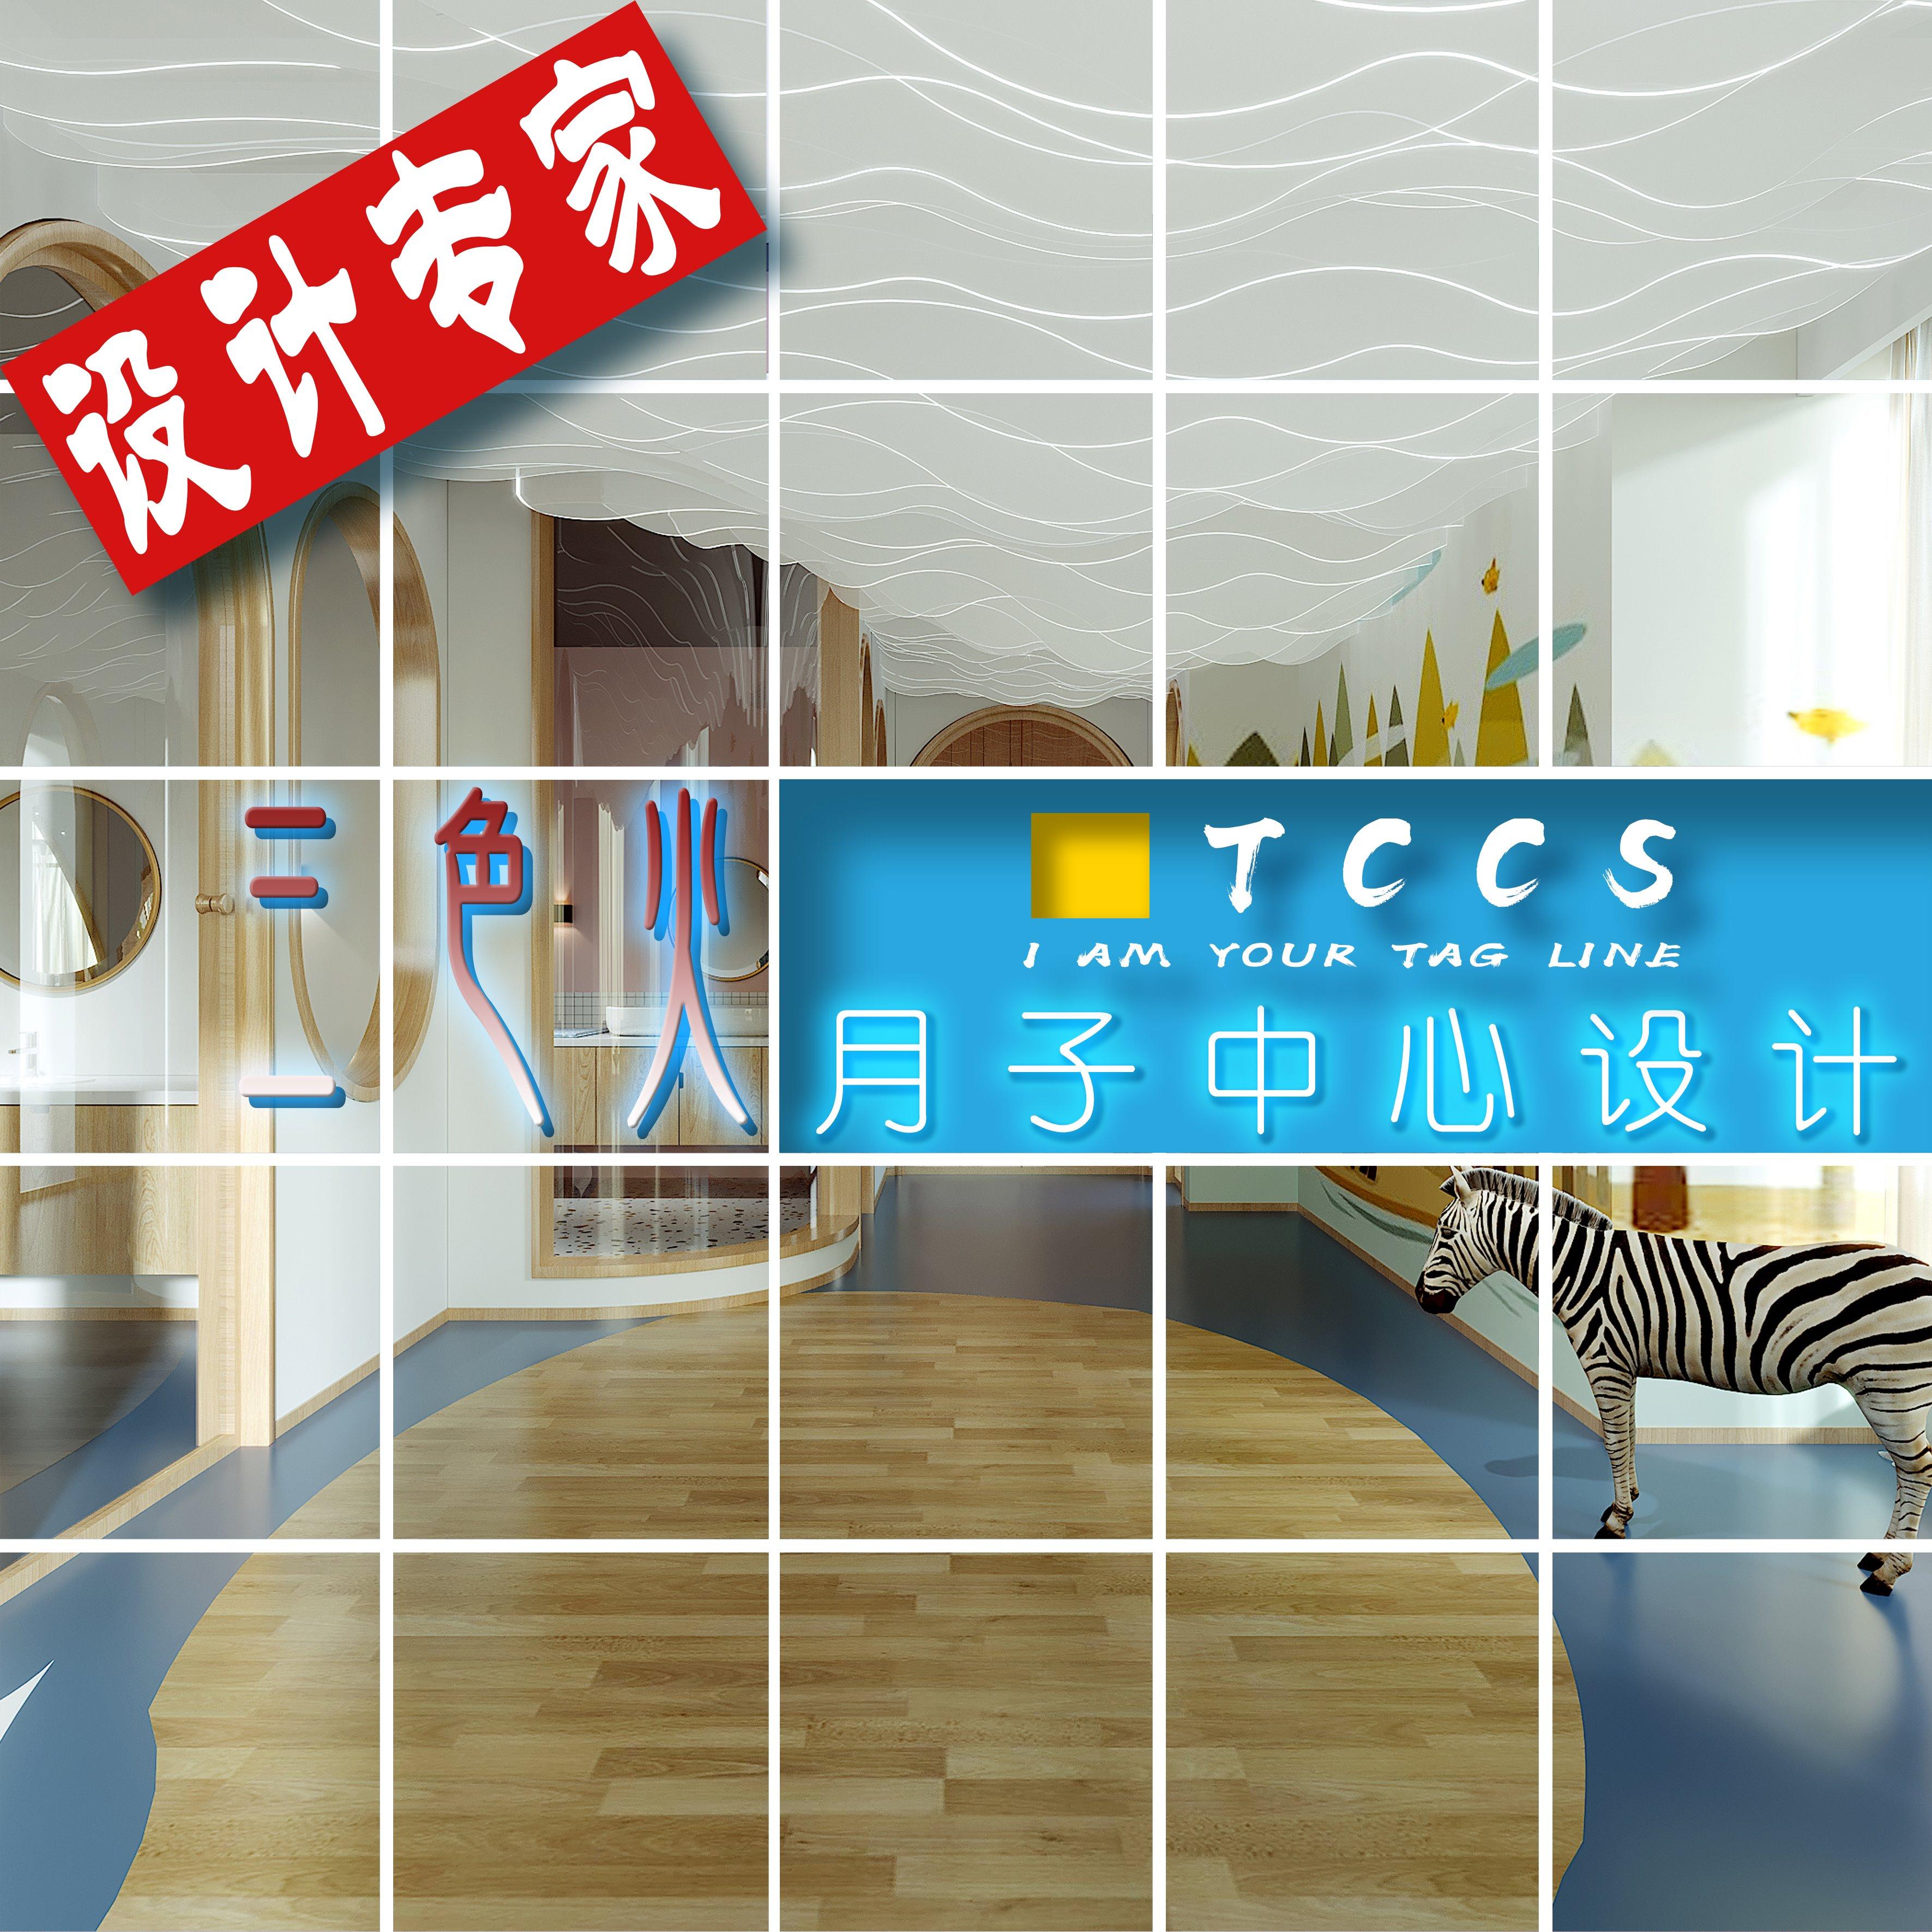 月子中心设计公装设计室内设计装修设计空间设计公装服务做效果图